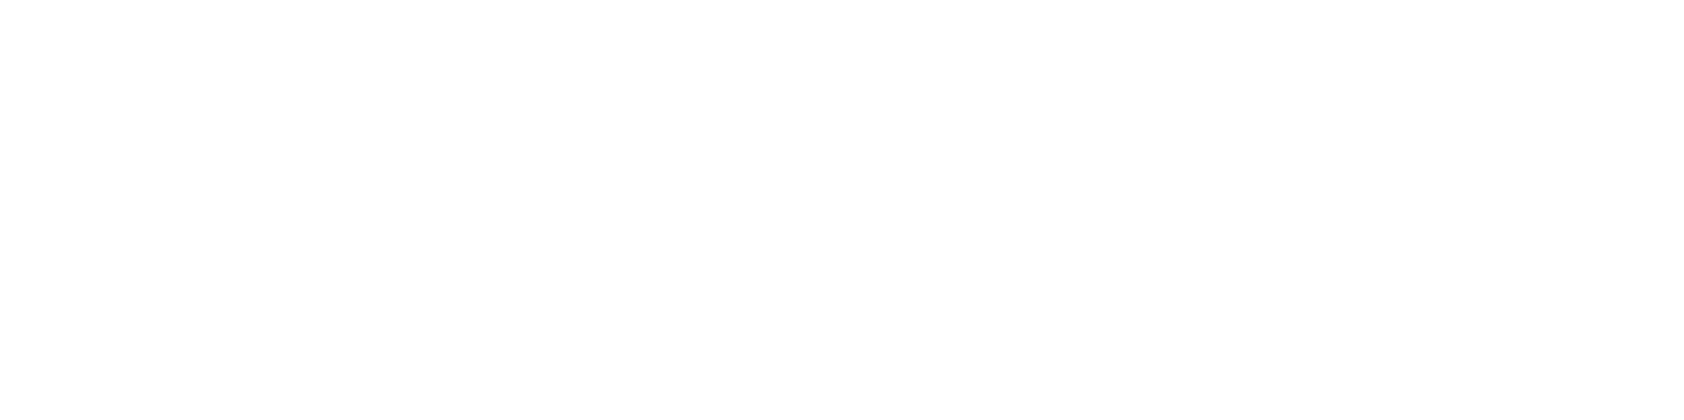 Grupo Adrián Mercado